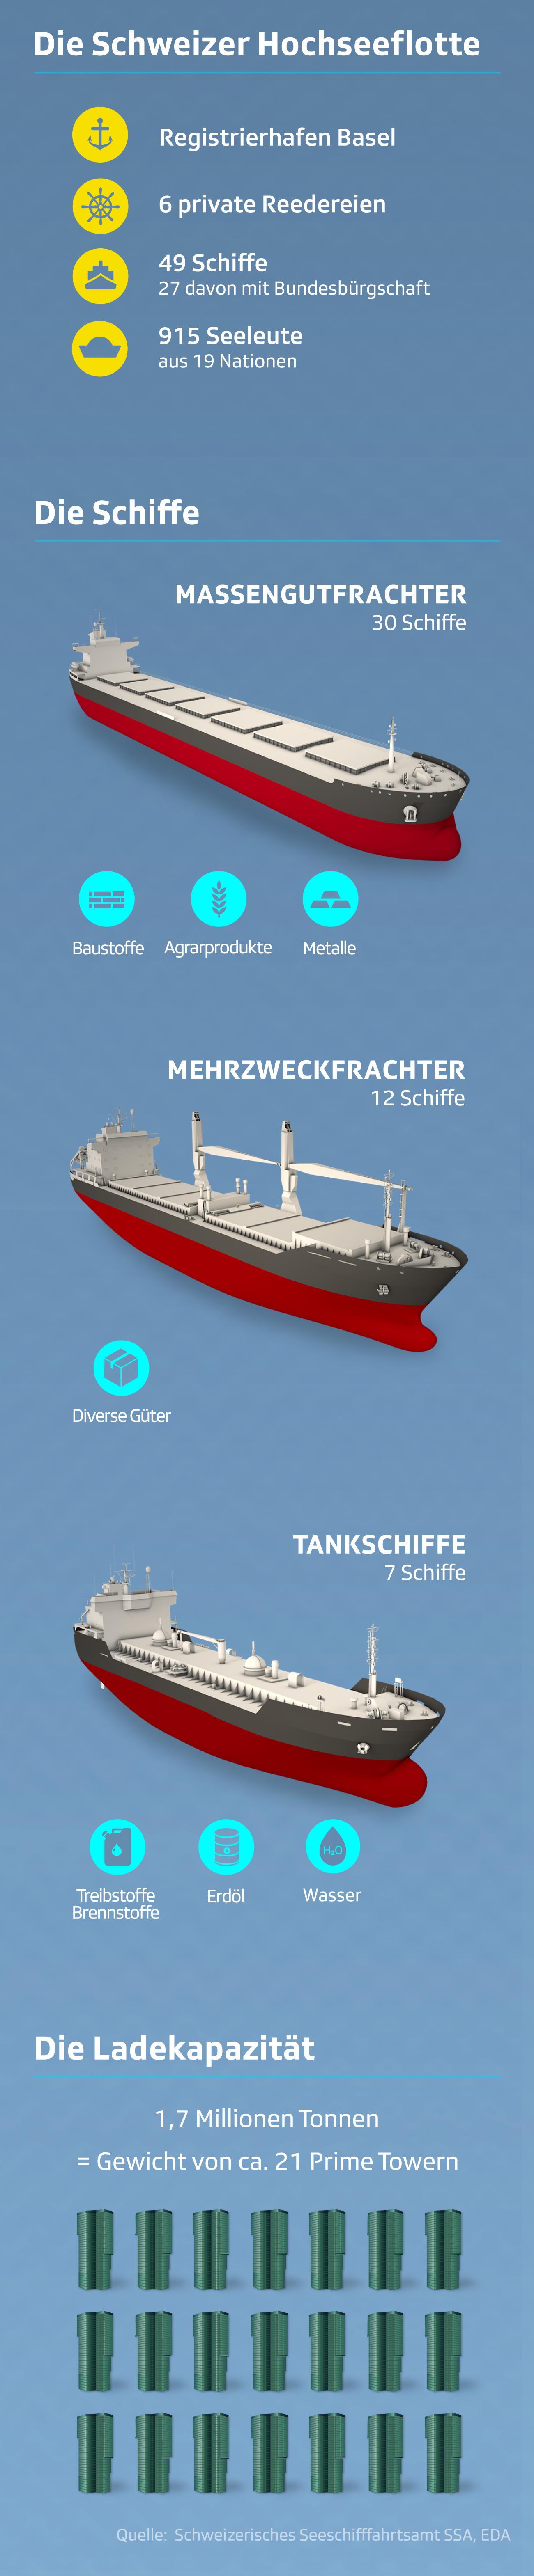 Daten und Fakten zur Schweizer Hochseeflotte